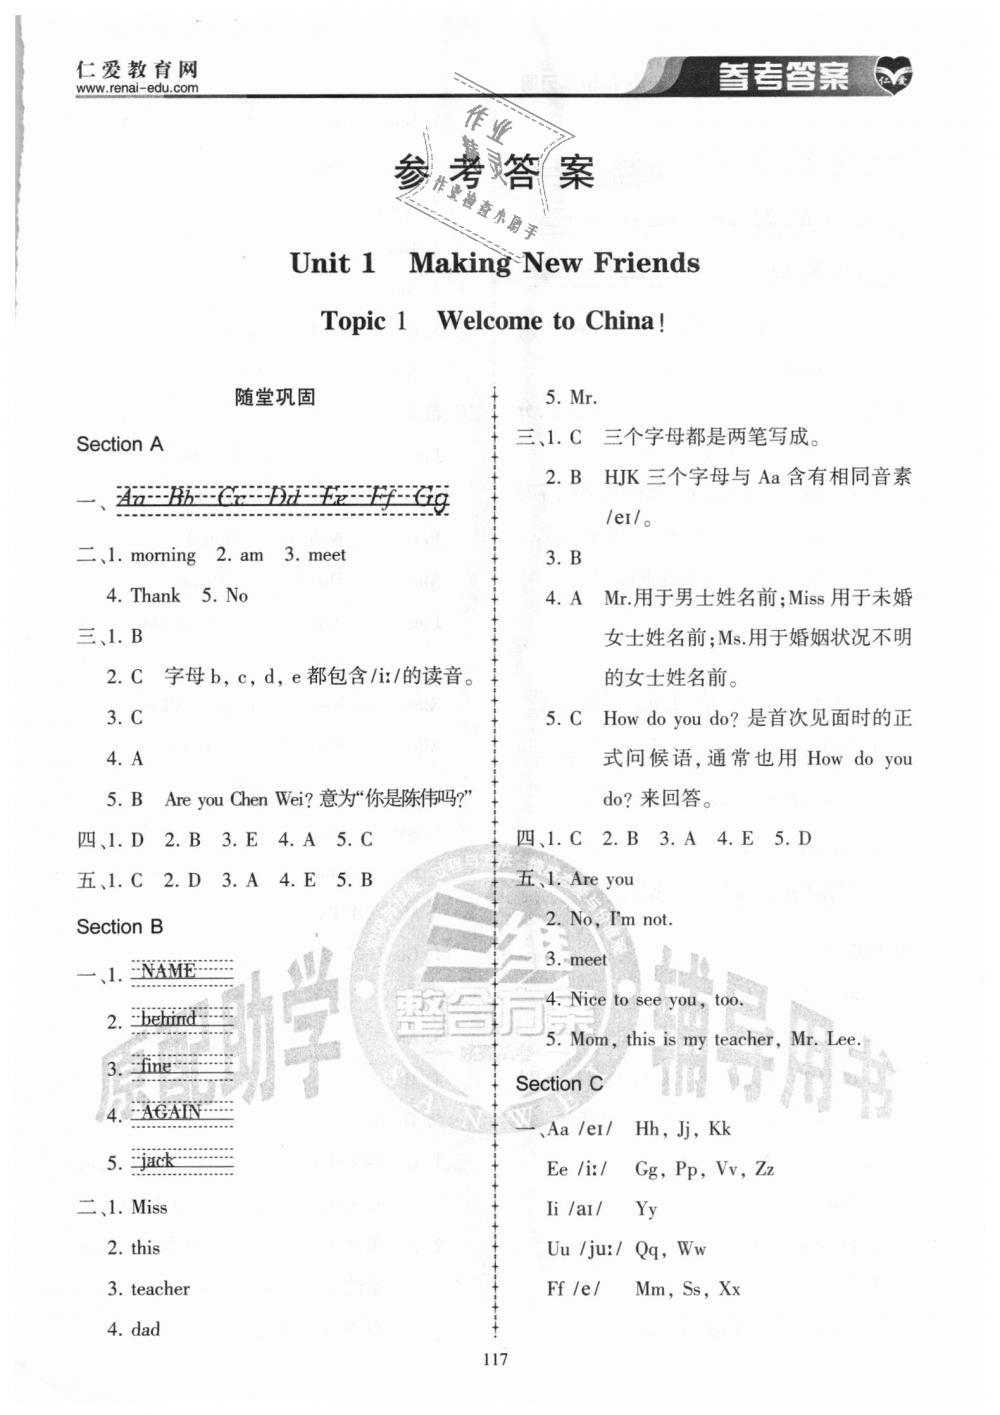 2018年仁愛英語同步練習冊七年級上冊第1頁